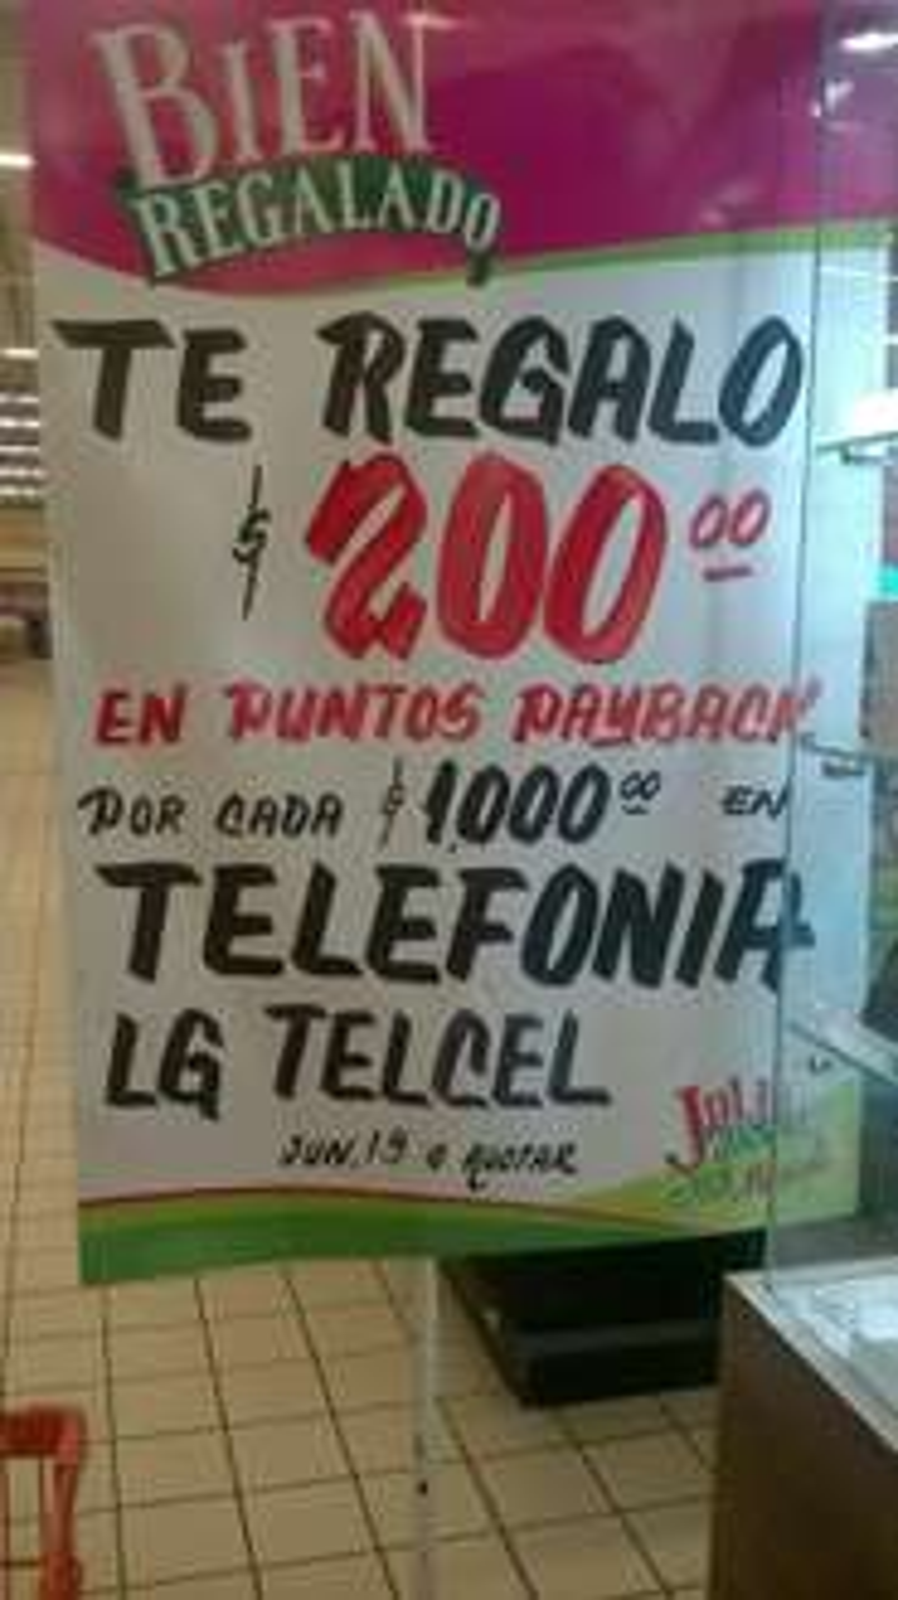 Julio Regalado 2017 en Comercial Mexicana: $200 en puntos Payback en TELCEL por cada $1,000